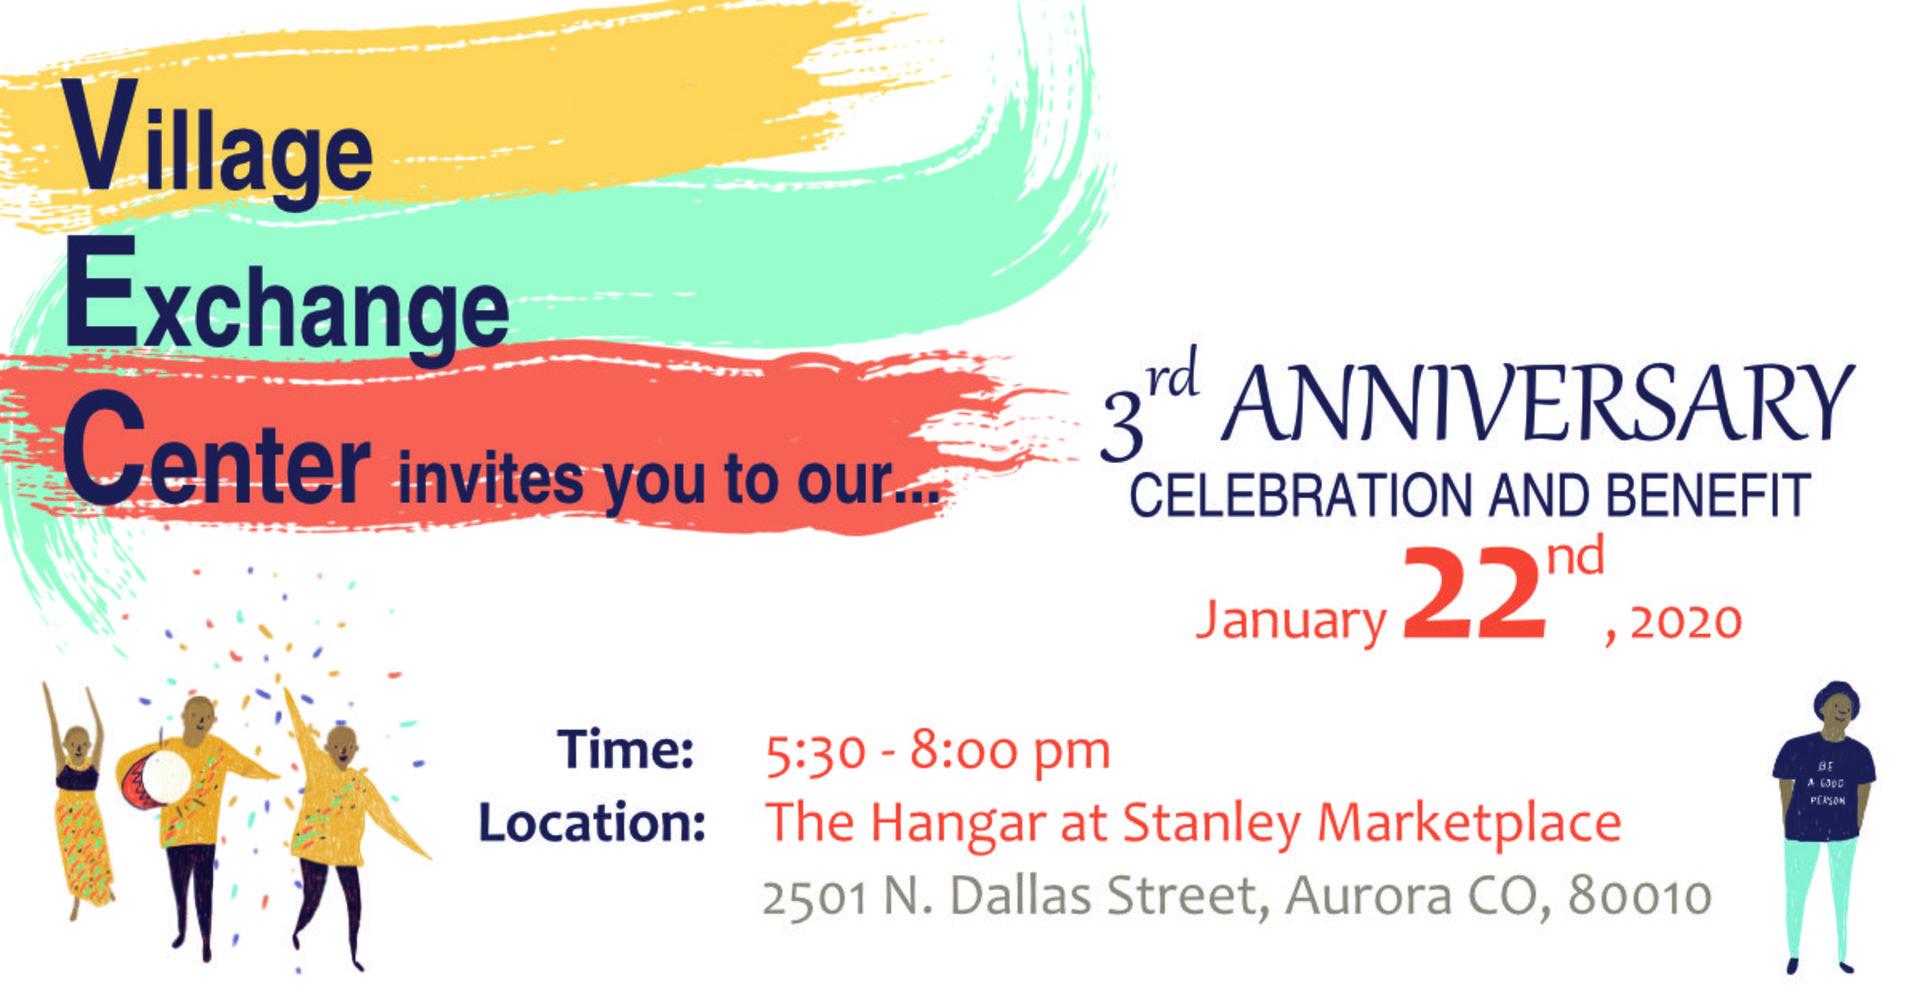 Village Exchange Center 3rd Anniversary Benefit